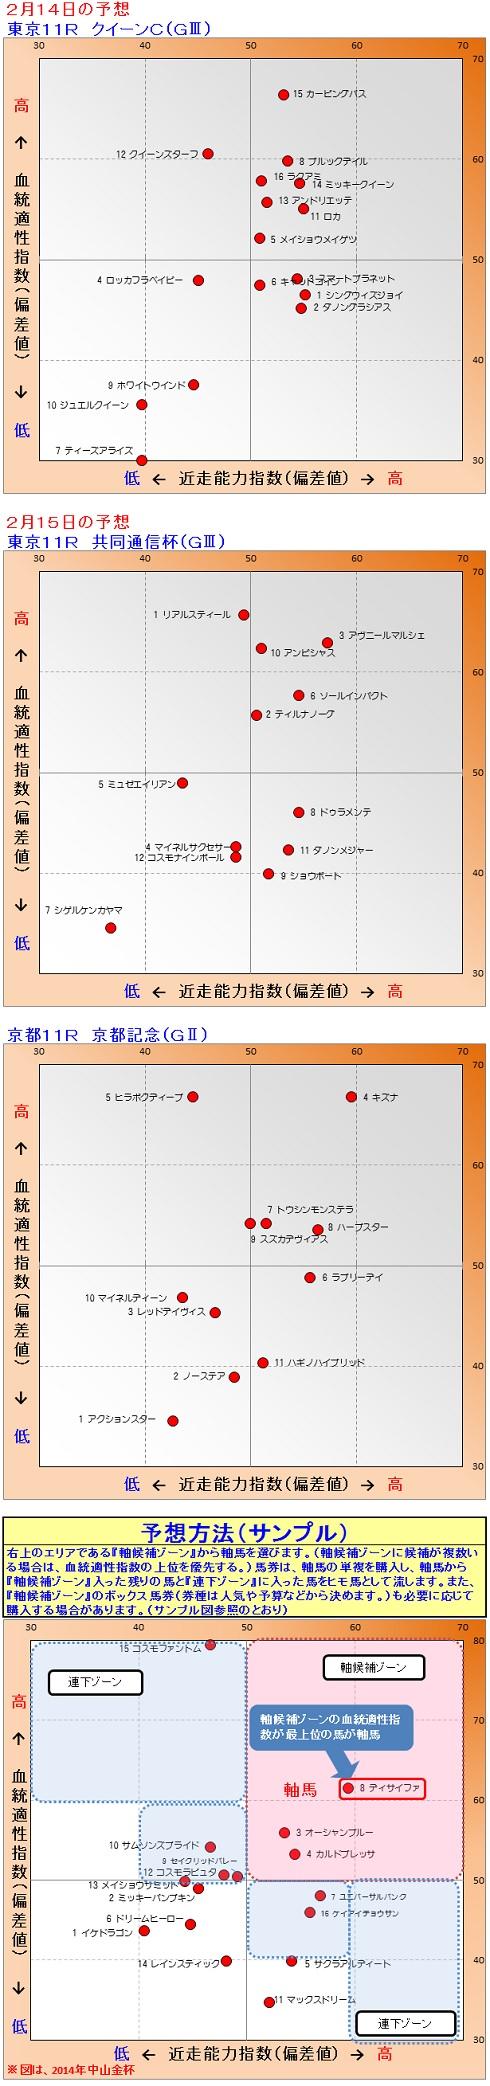 2015-02-1415予想